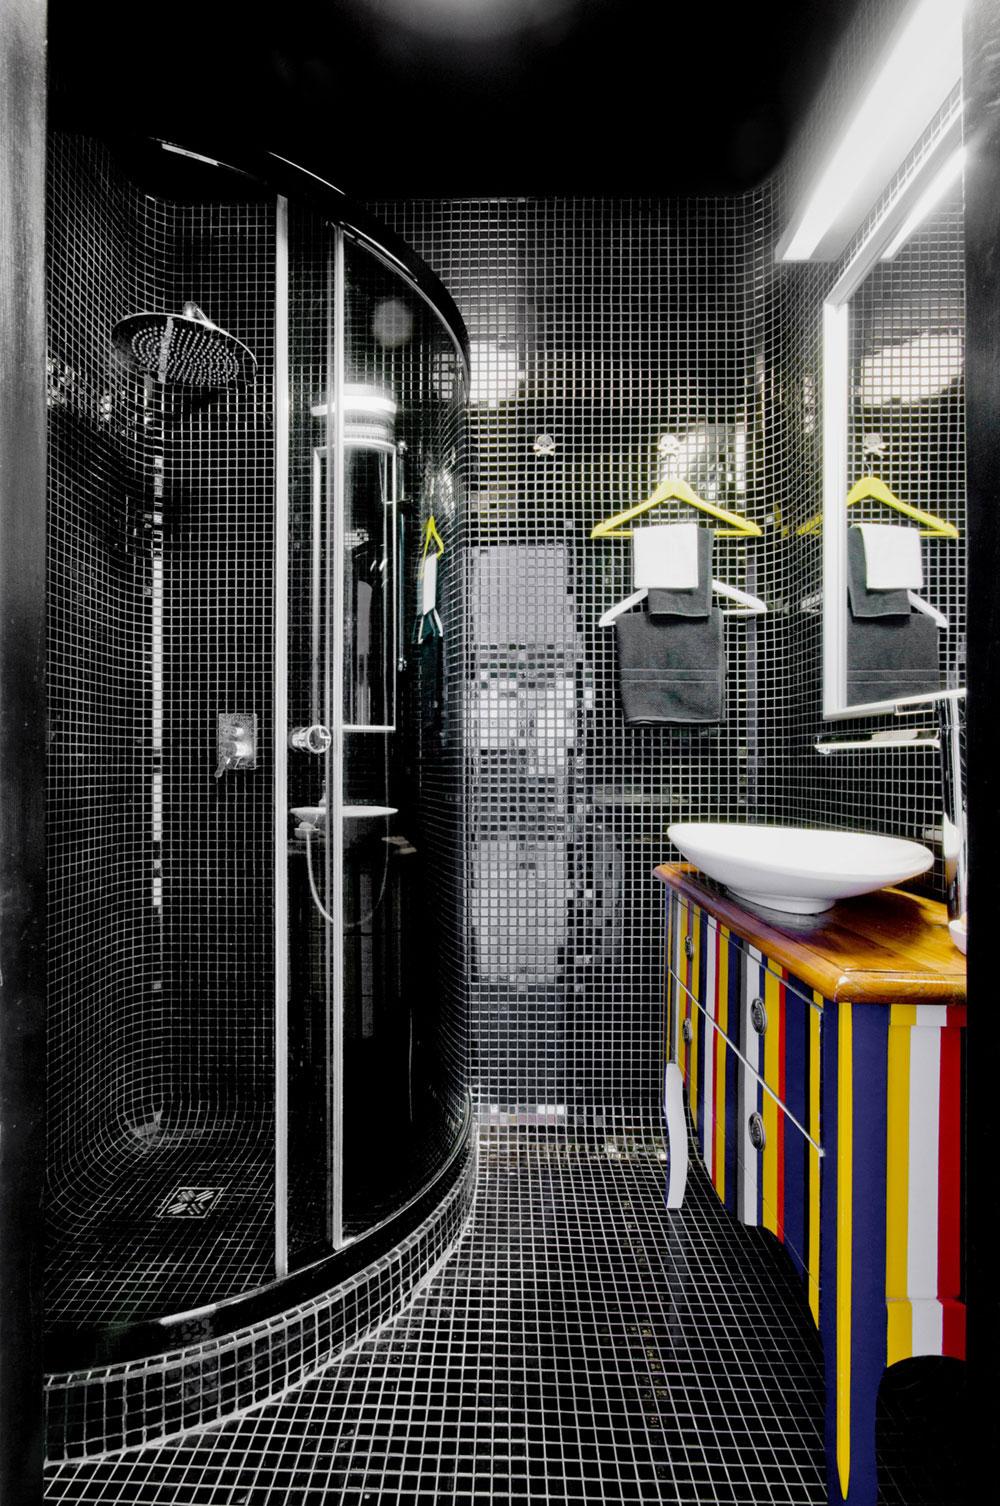 Klassiska-badrum-interiör-design-exempel-som-sticker ut-17 Klassiska-badrum-interiör-design-exempel som sticker ut